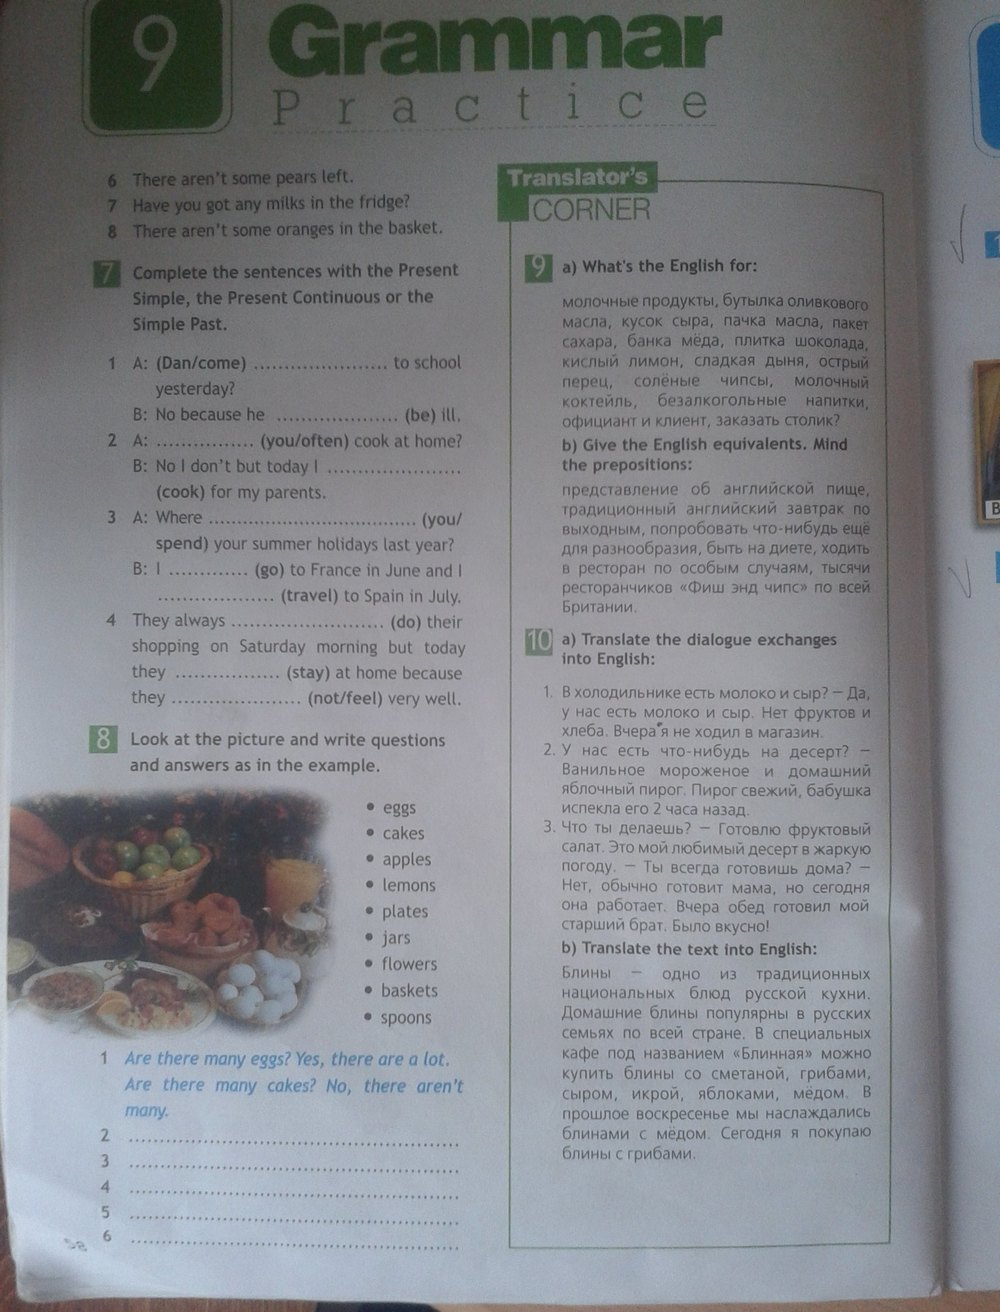 Гдз по английскому 6 класс рабочая тетрадь spotlight эванс